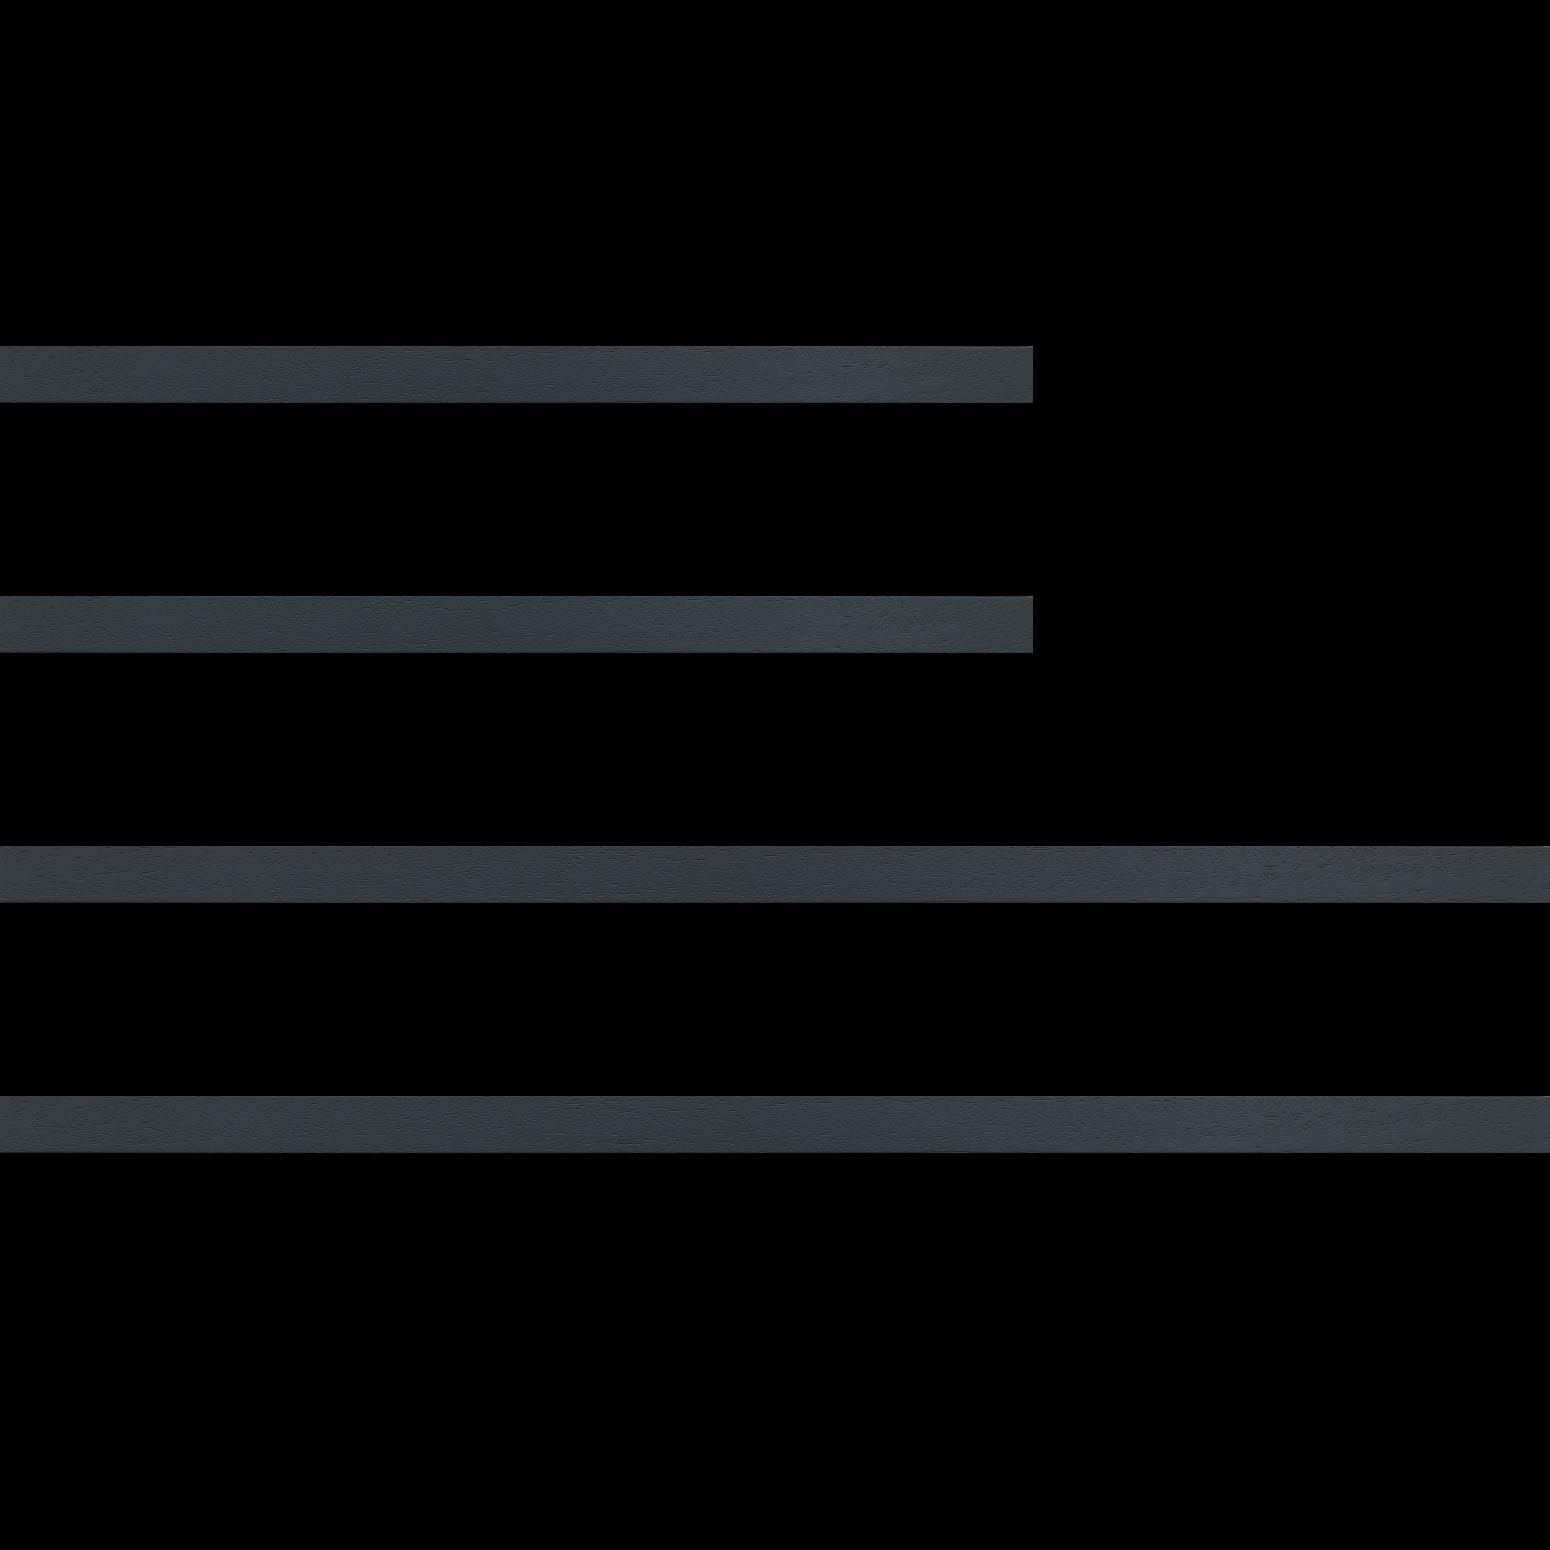 Baguette bois profil plat largeur 2cm hauteur 3.3cm couleur gris foncé satiné